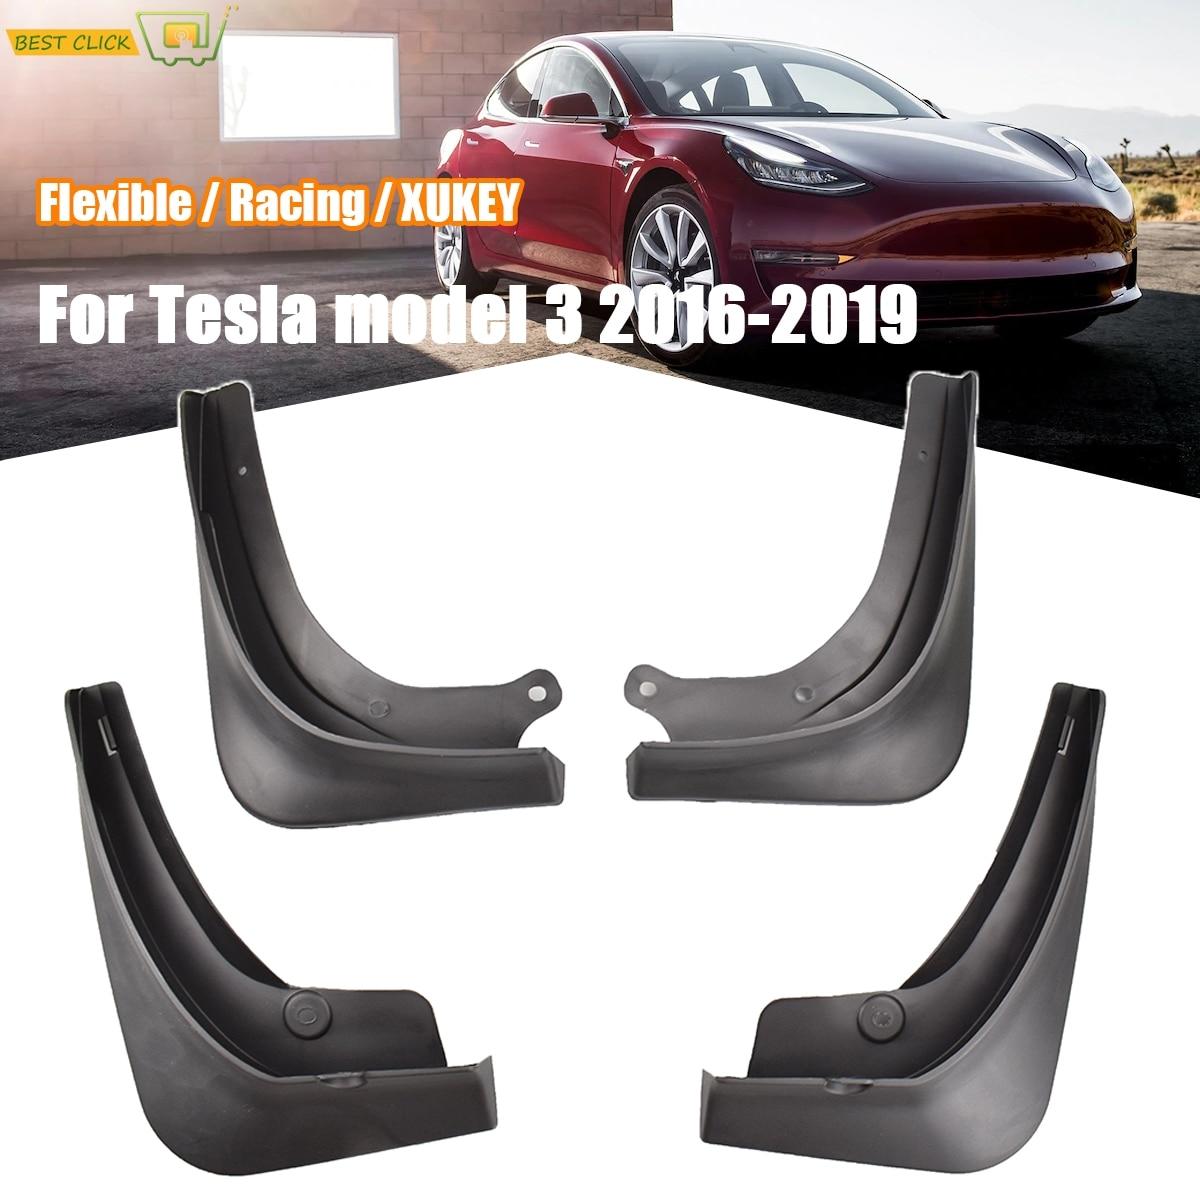 Литые Автомобильные Брызговики в стиле OE для Tesla Model 3 2016 2017 2018 2019, брызговики, щитки, Стайлинг автомобиля